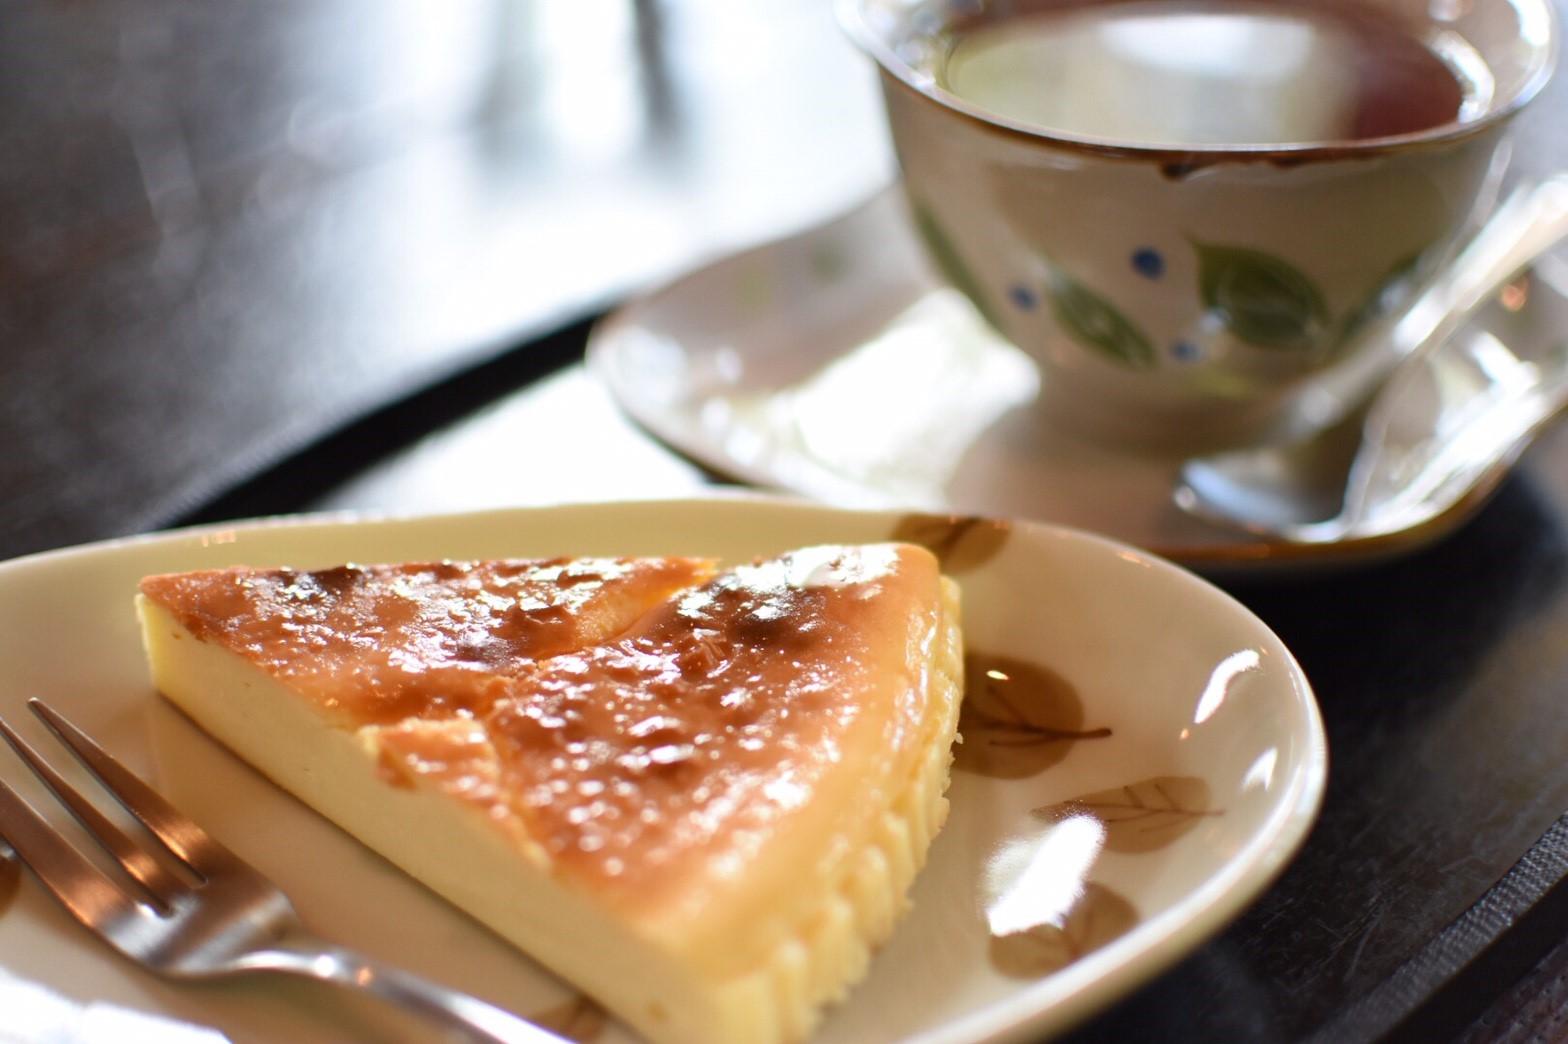 チーズケーキ好きは知らなきゃ損!穴場な隠れ家カフェ 「烏兎匆々」